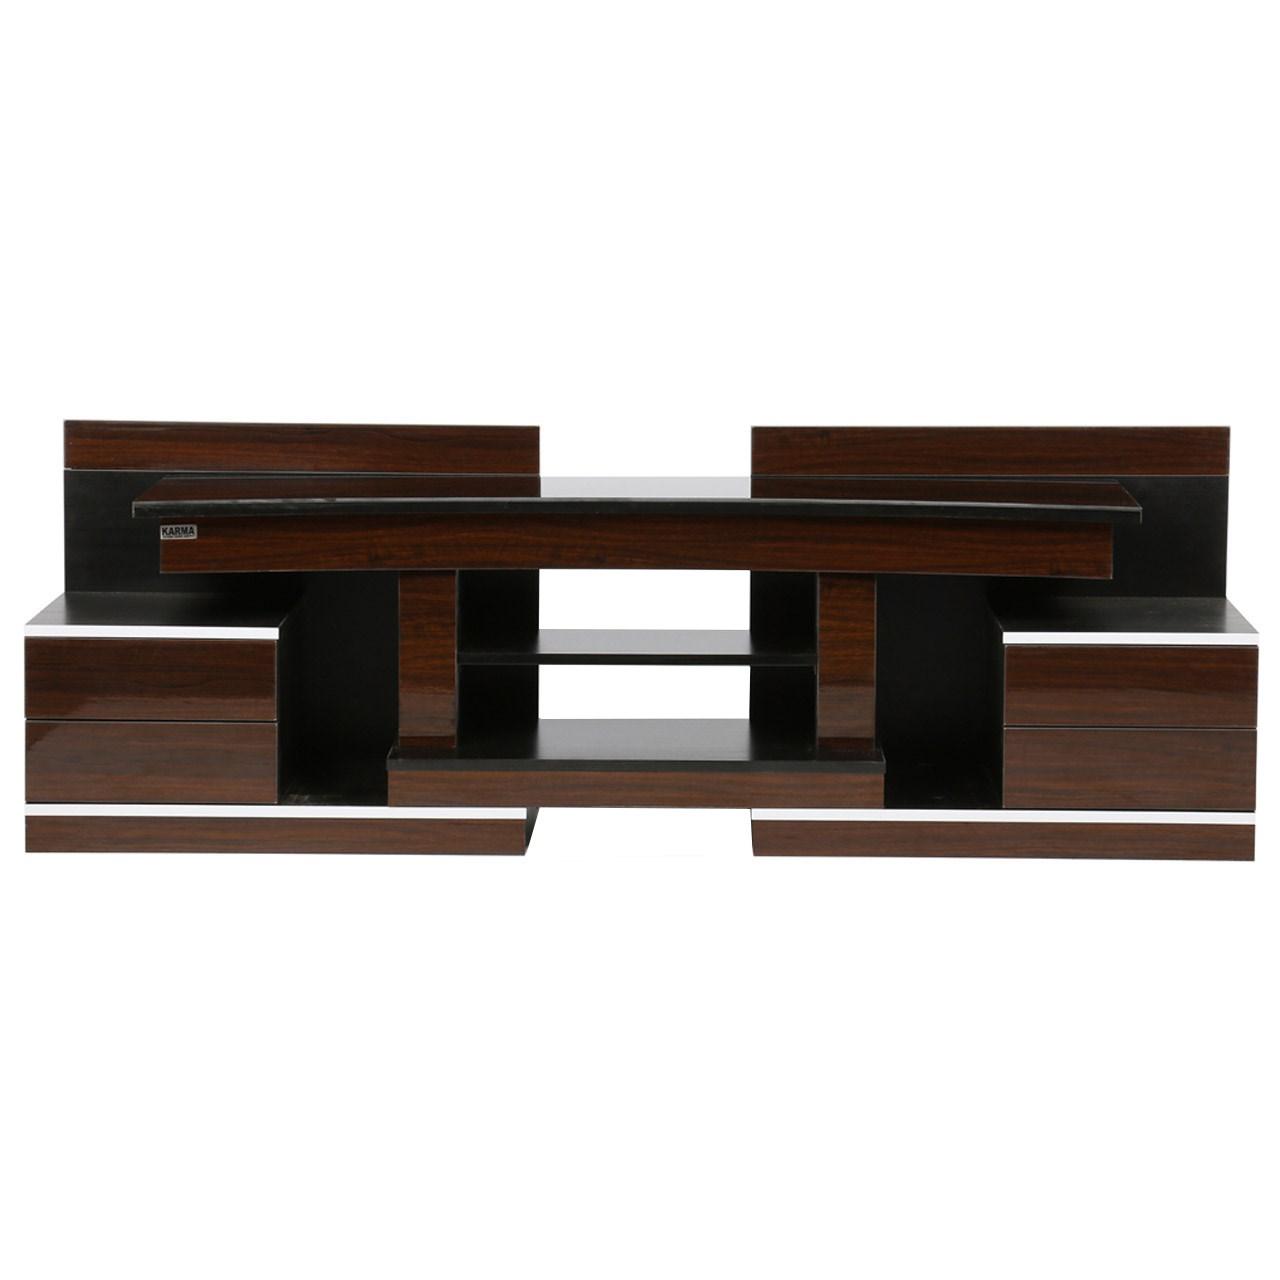 میز تلویزیون کارما چوب مدل M110 رنگ قهوهای